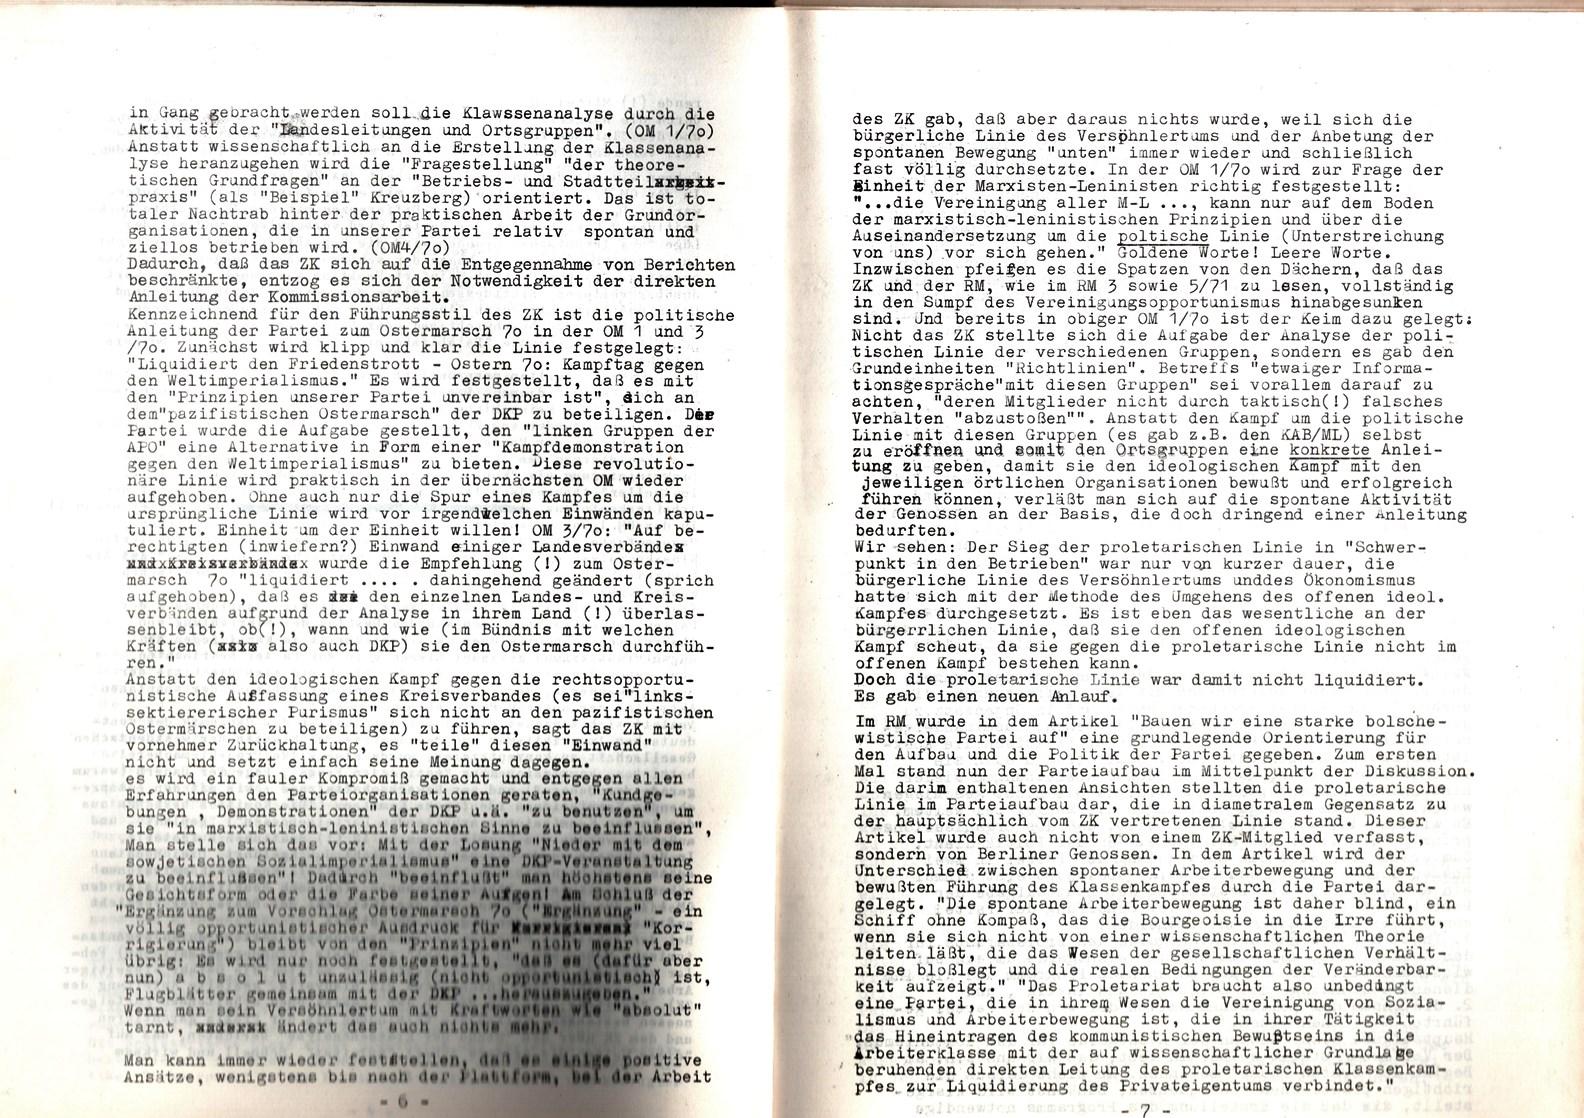 KPDML_1971_Analysen_und_Antraege_des_LV_Sued_West_008